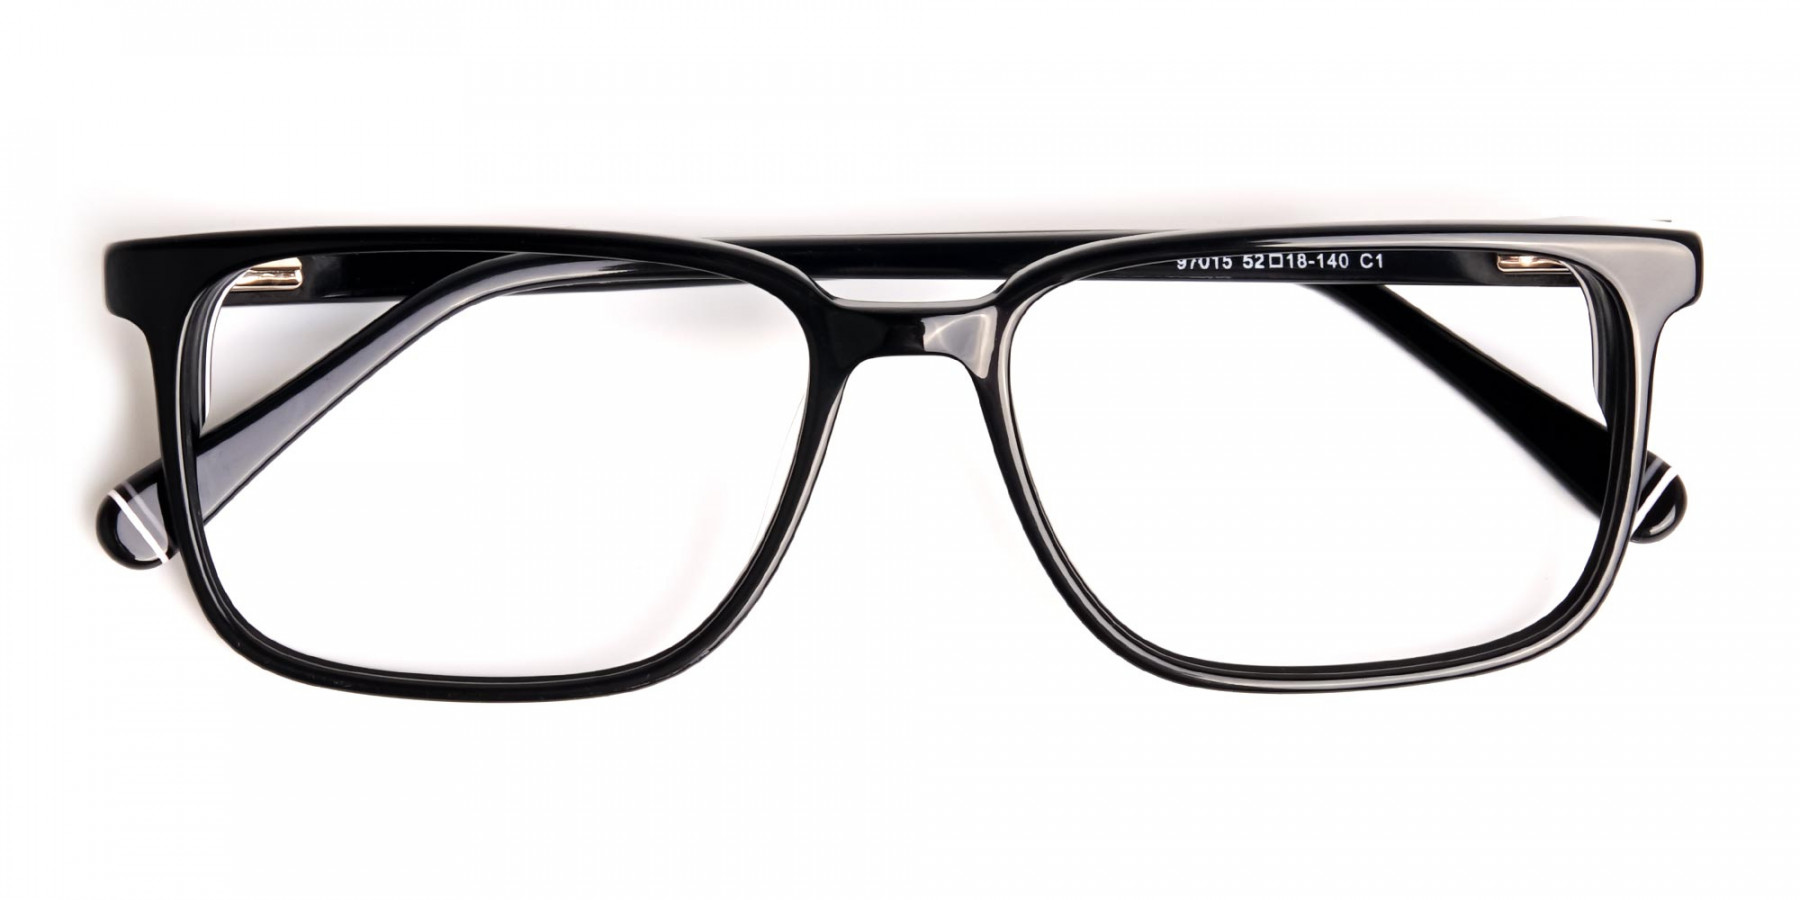 black-design-Rectangular-Glasses-frames-1